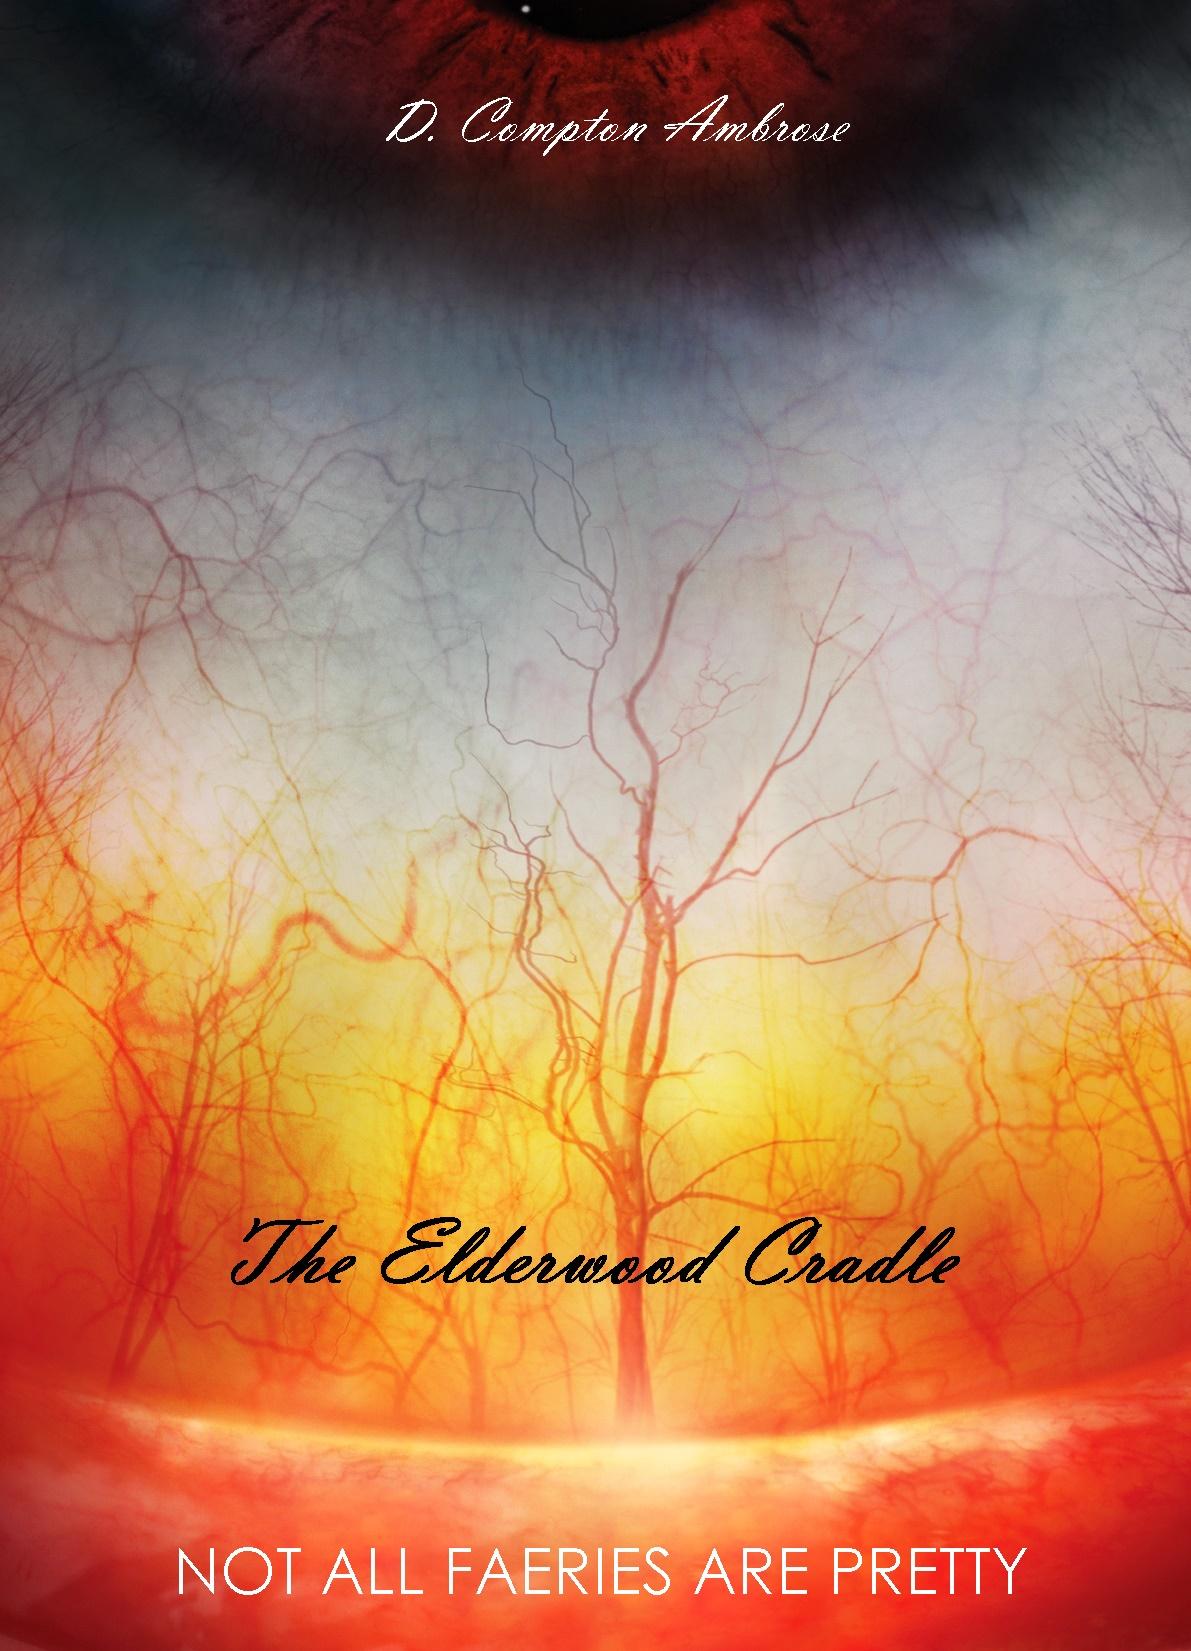 The Elderwood Cradle